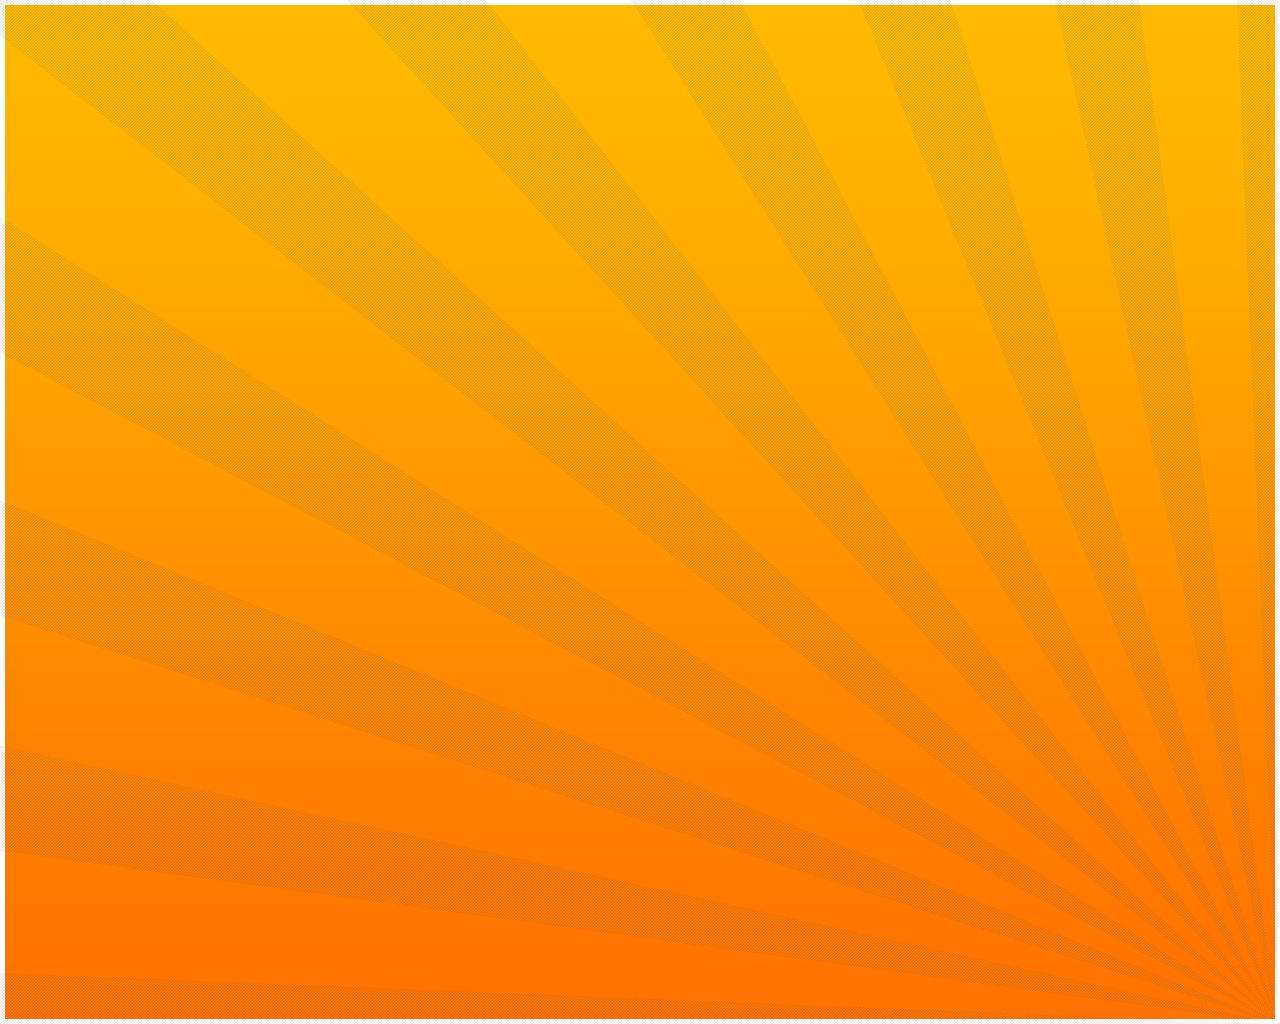 50 Orange Color Wallpaper On Wallpapersafari